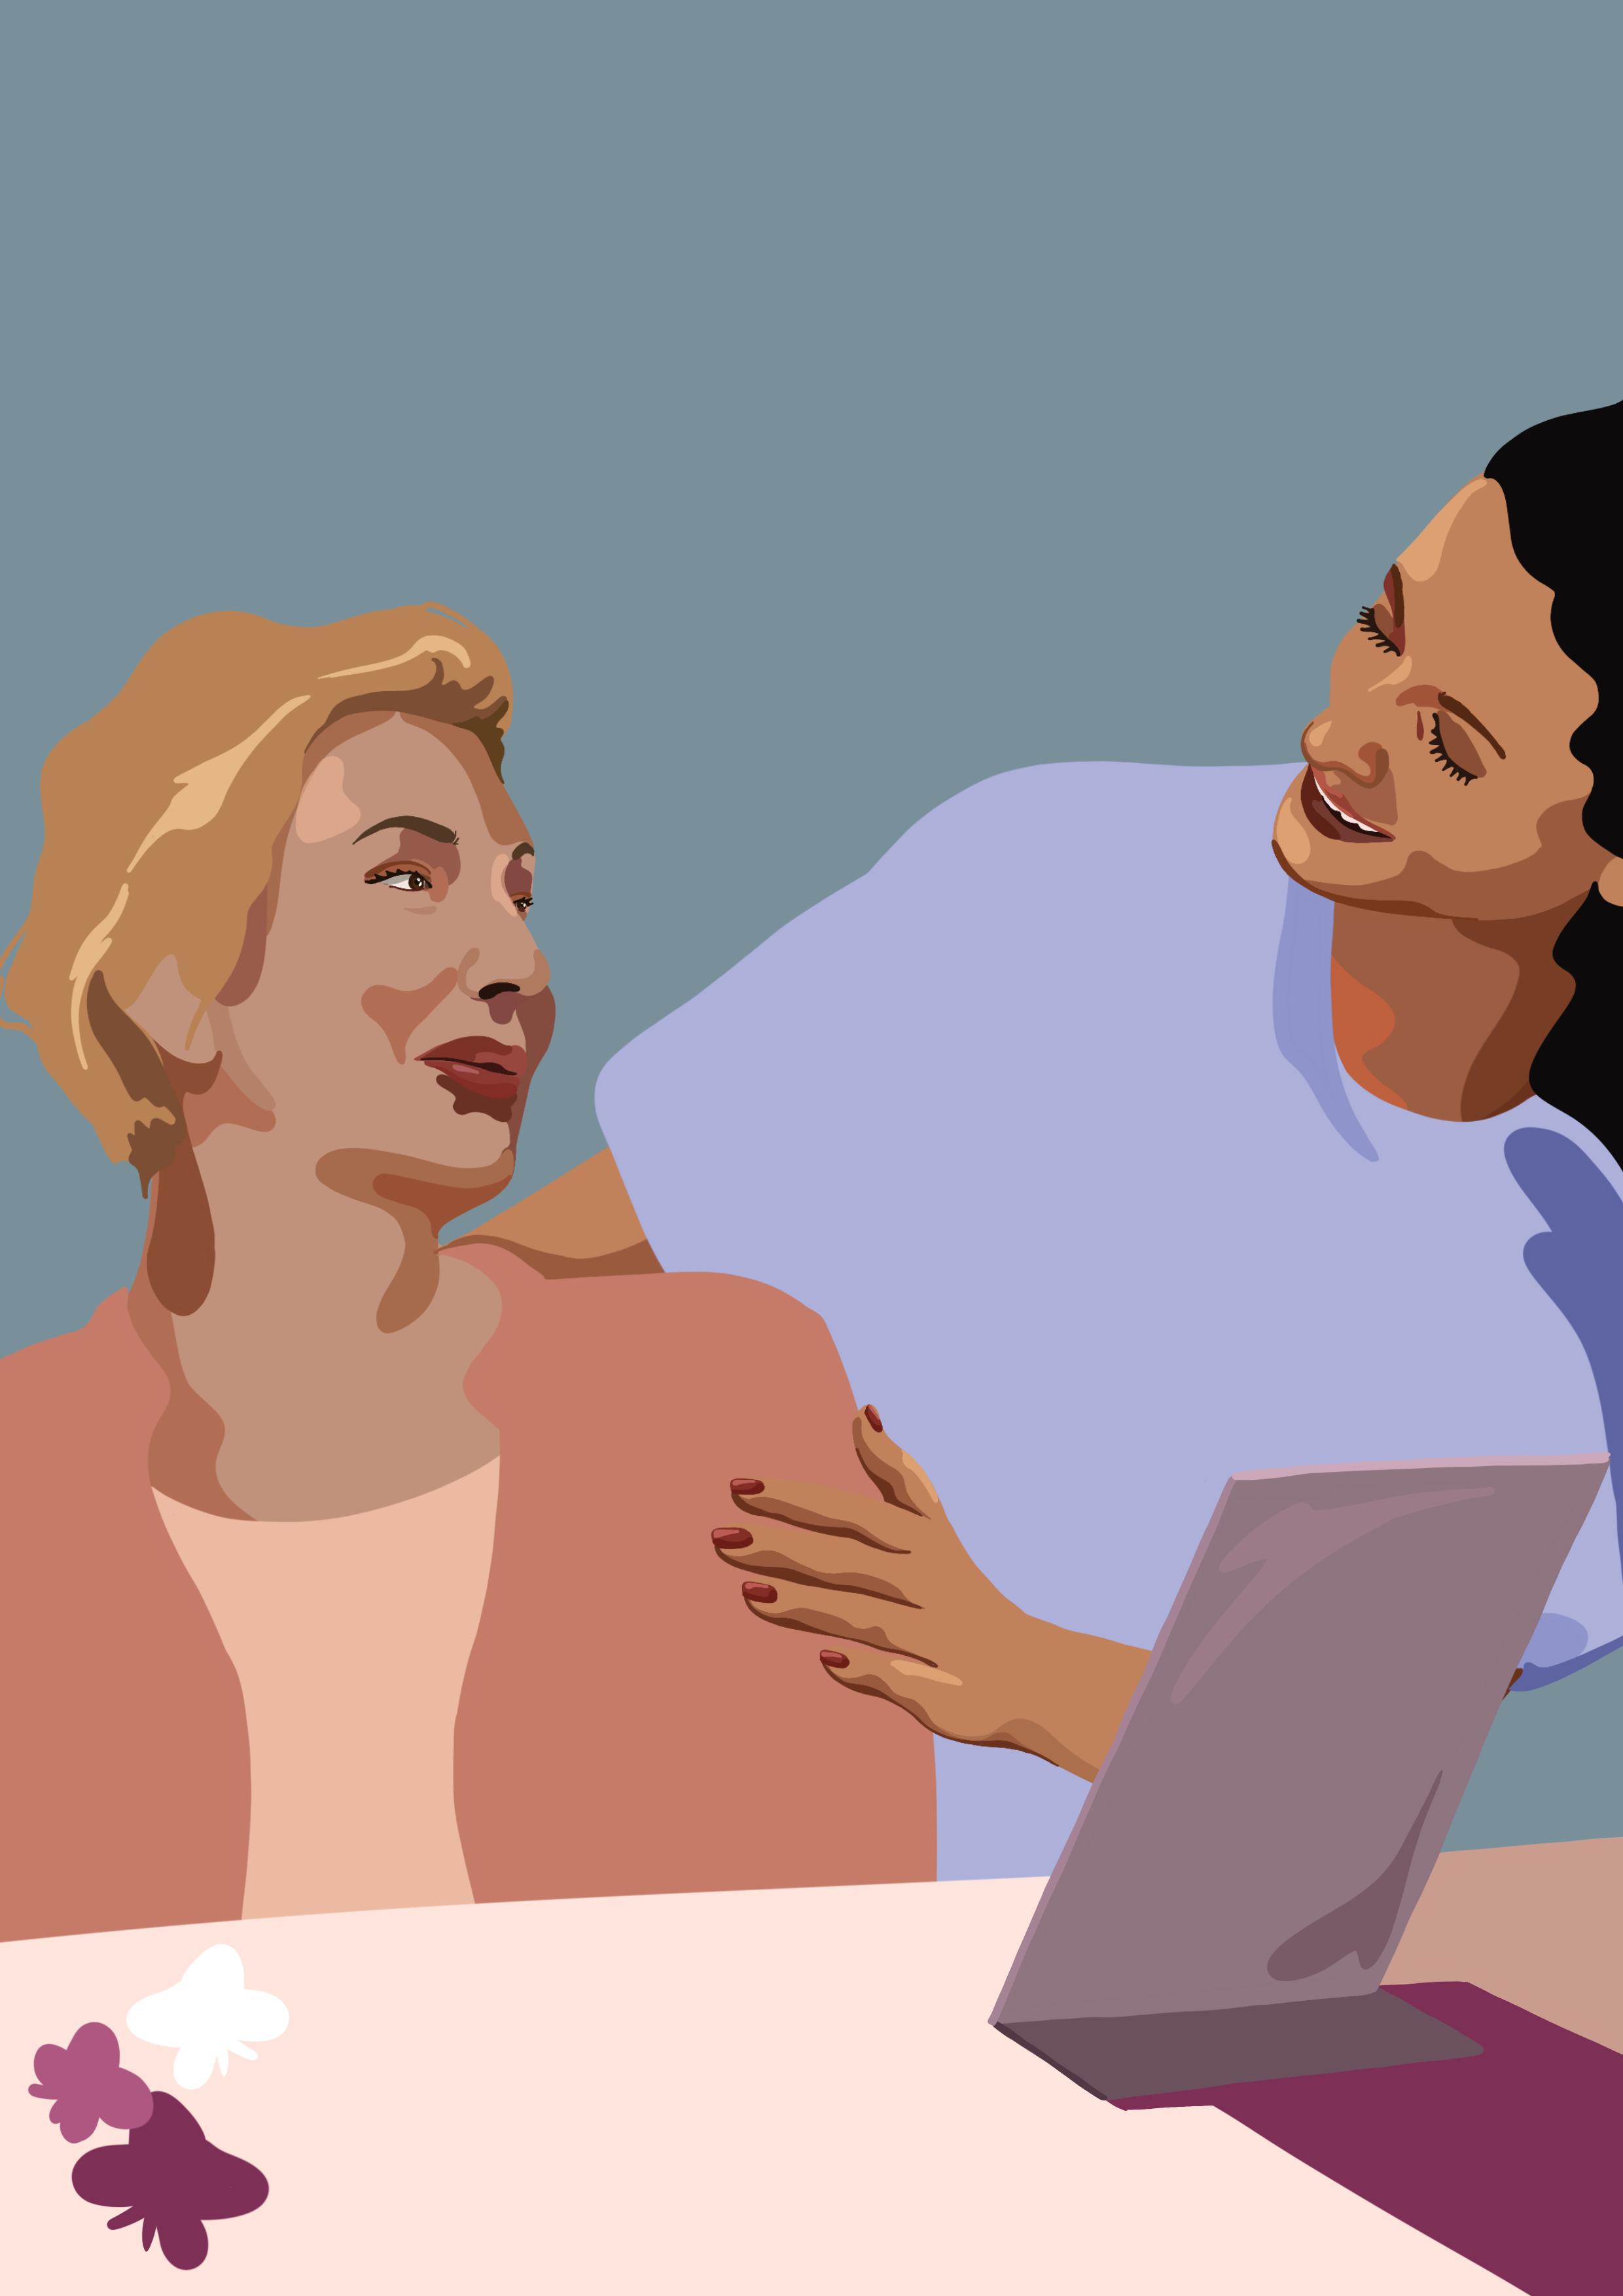 Illustrations2.jpg